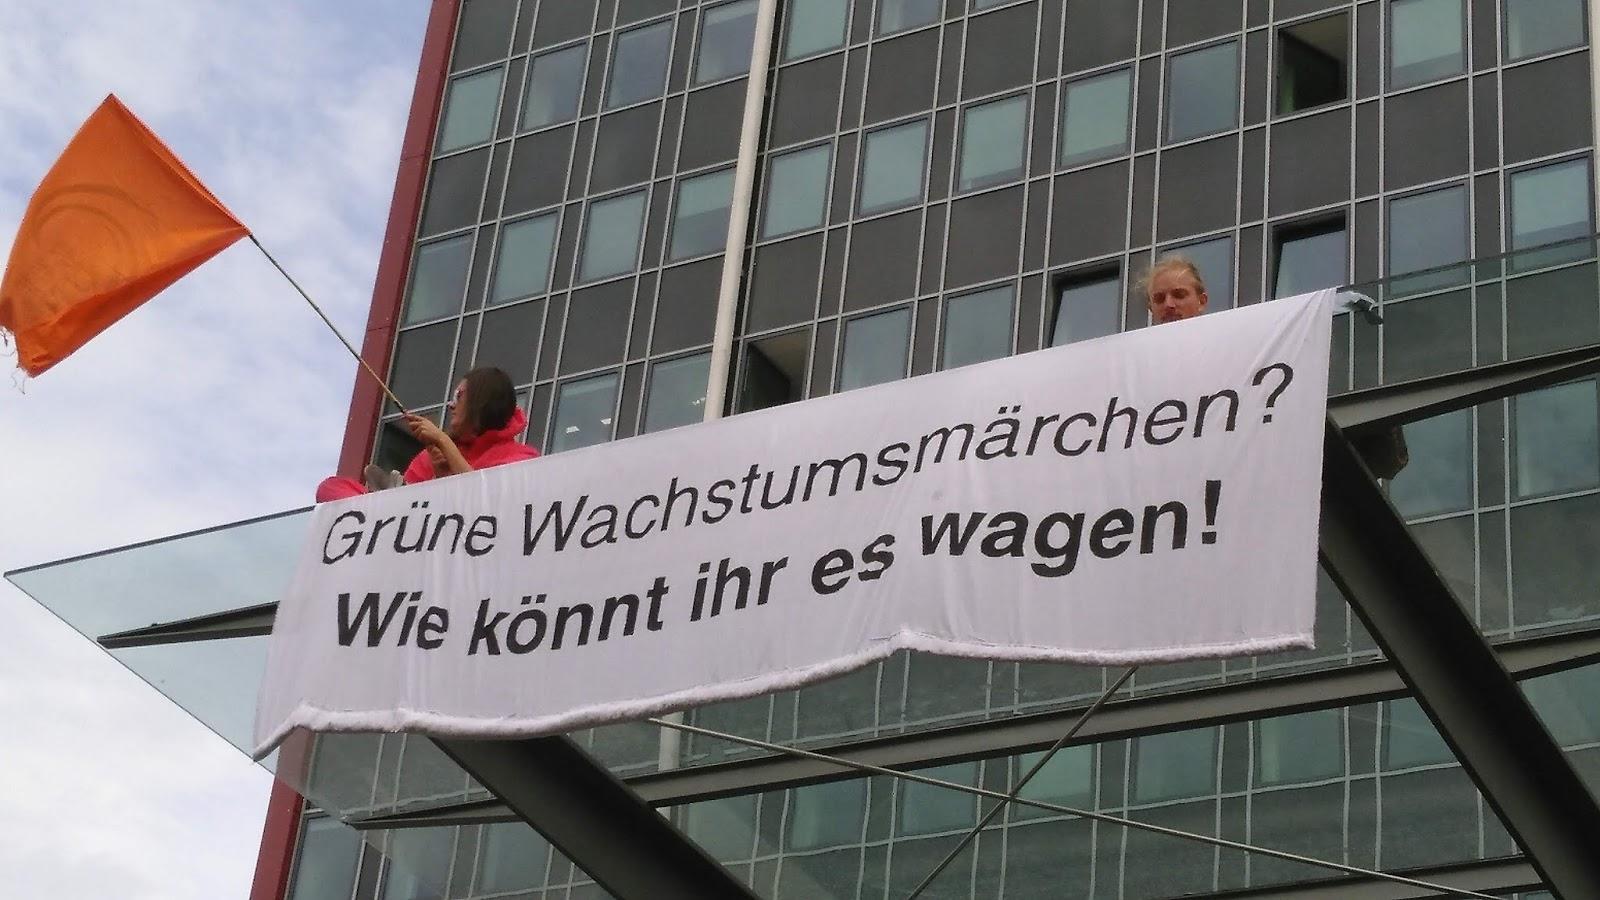 Gratwein-straengel bekanntschaft, Meine stadt singles in